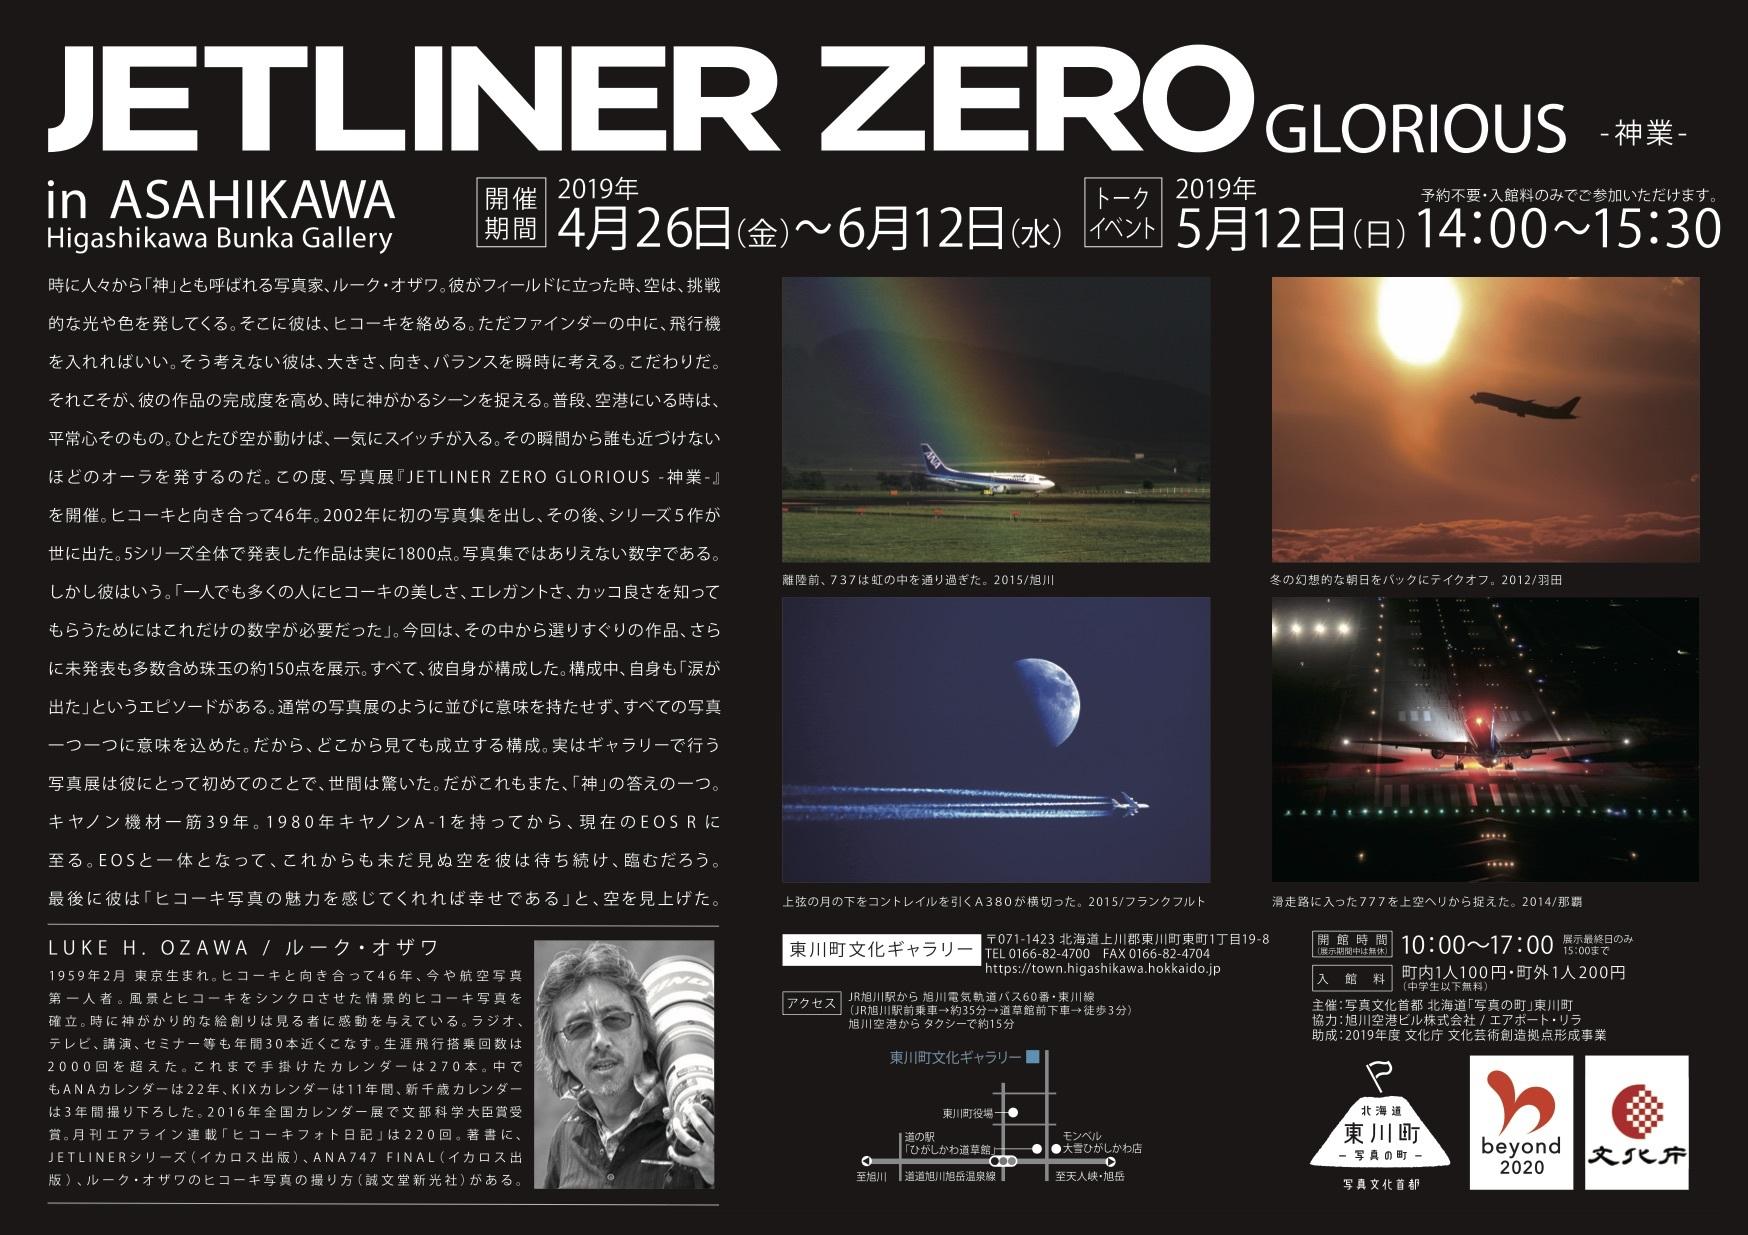 ルーク・オザワ写真展「JETLINER ZERO  GLORIOUS -神業- in ASAHIKAWA」開催のお知らせ!_b0187229_09433592.jpg